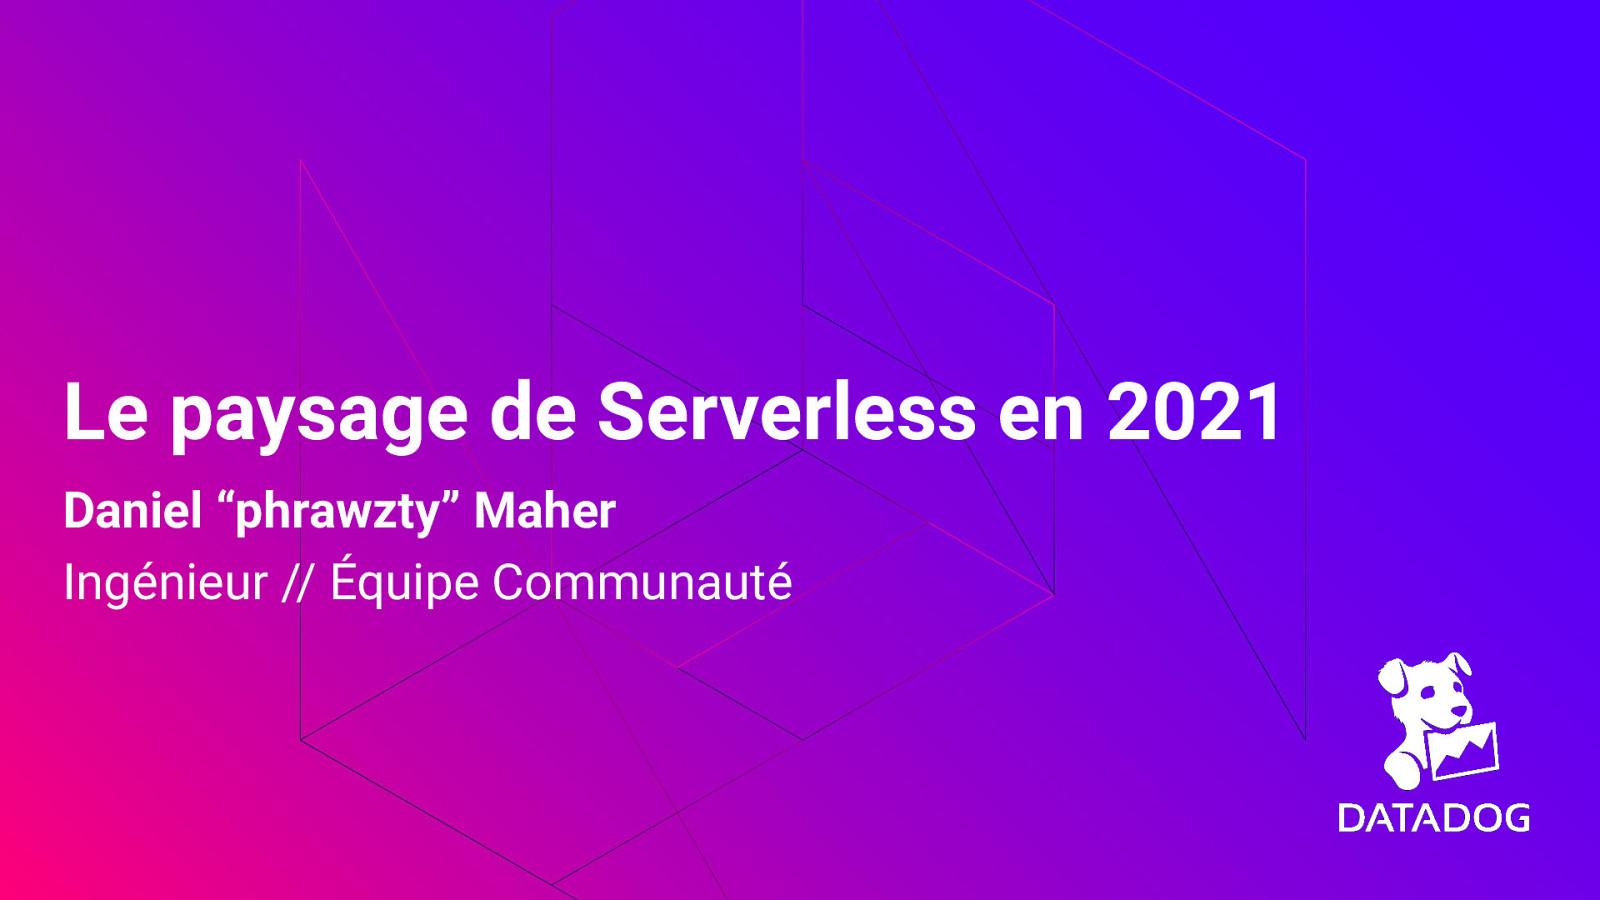 Le paysage de Serverless en 2021